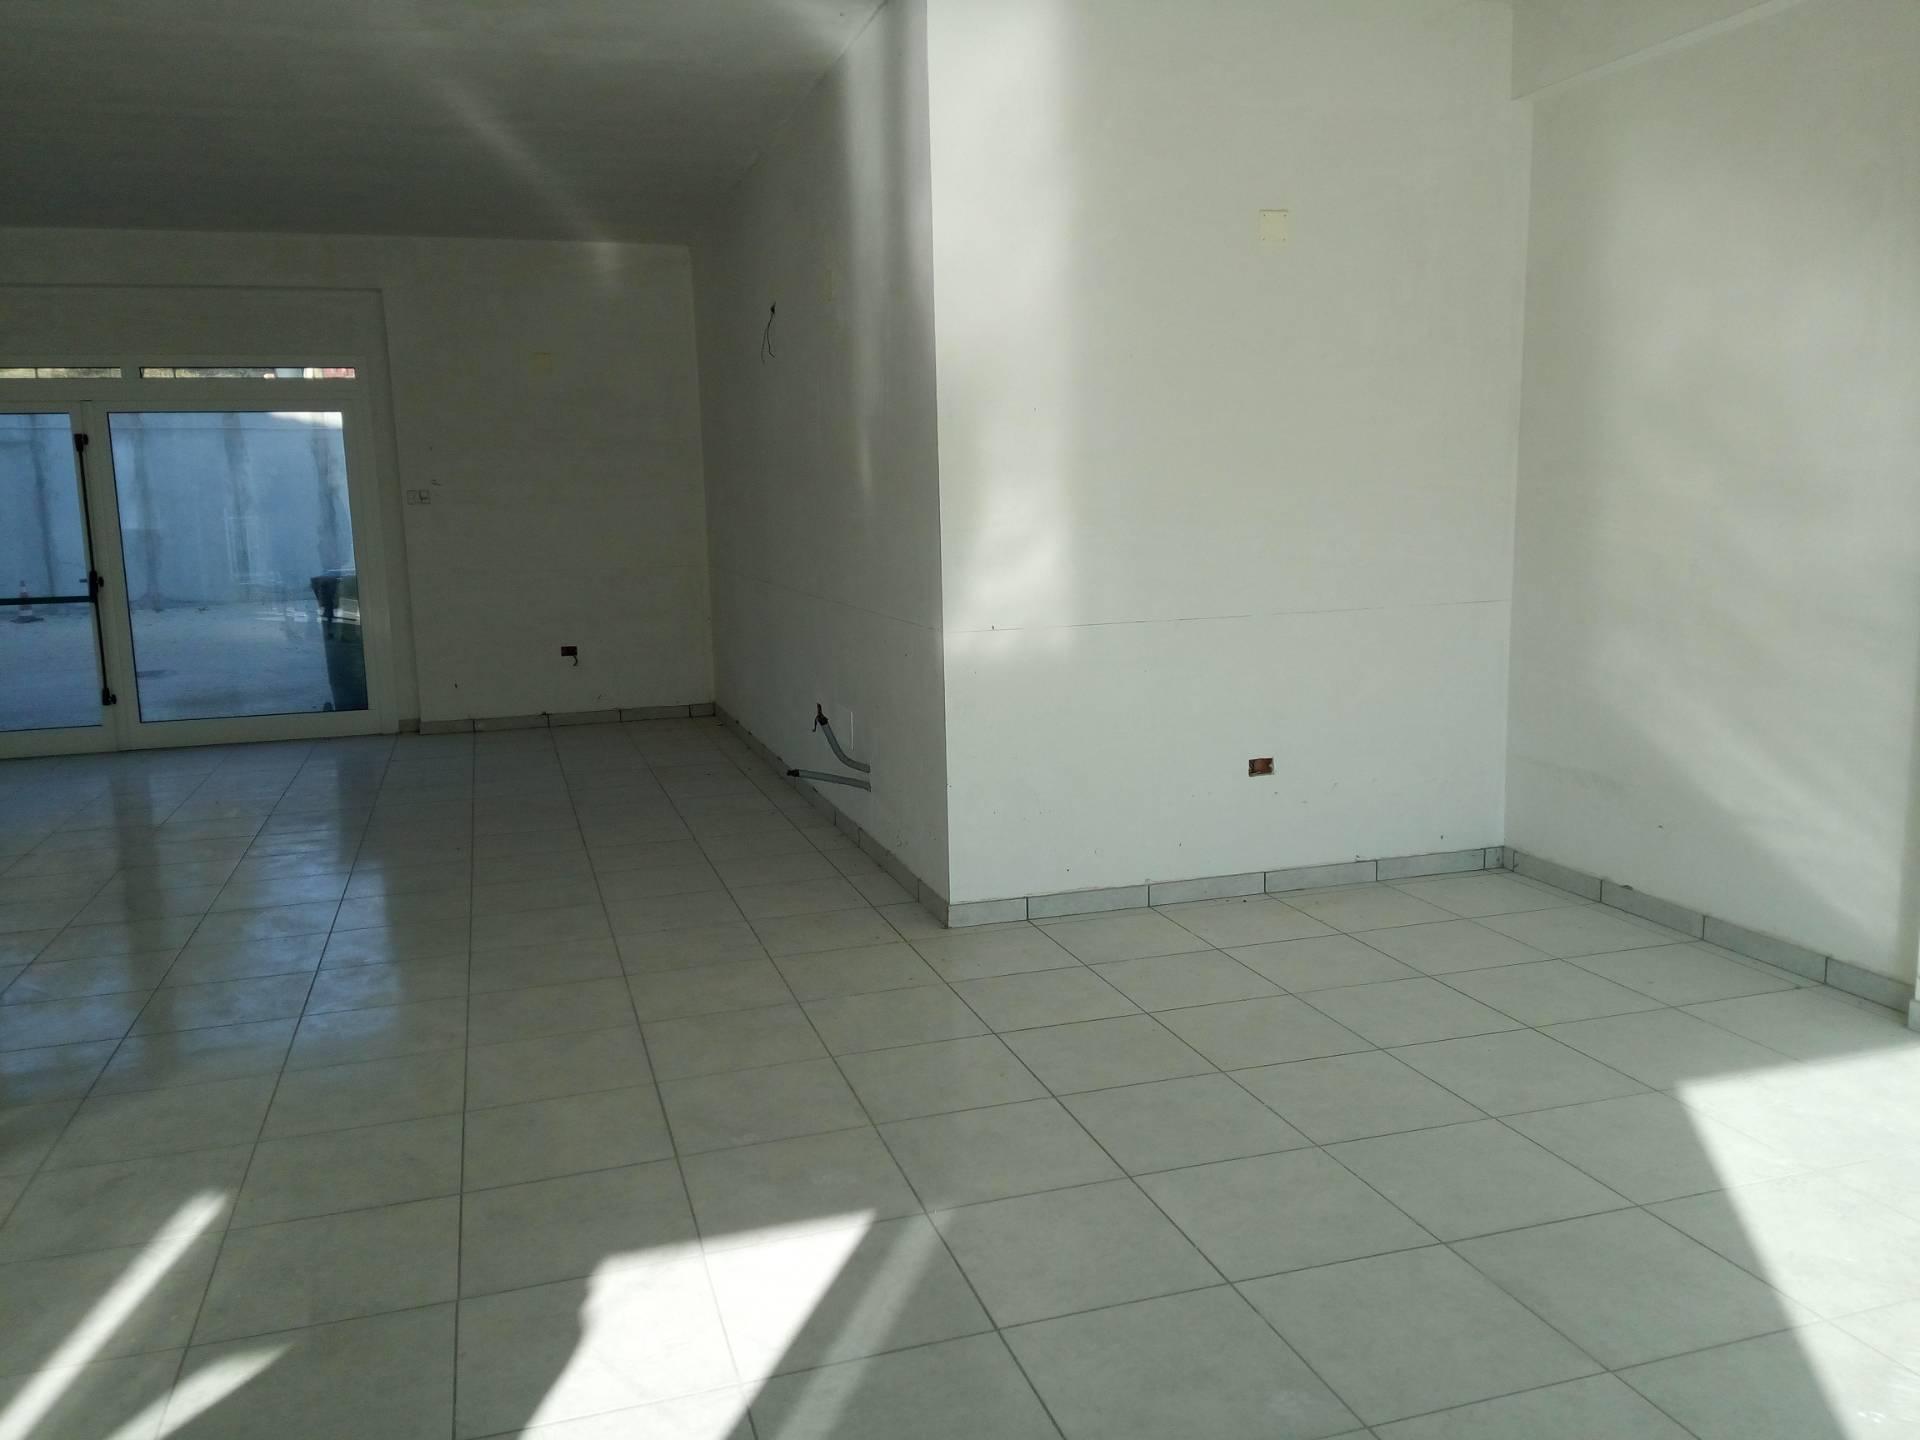 Negozio / Locale in affitto a Alanno, 9999 locali, zona Località: AlannoScalo, prezzo € 1.000 | CambioCasa.it